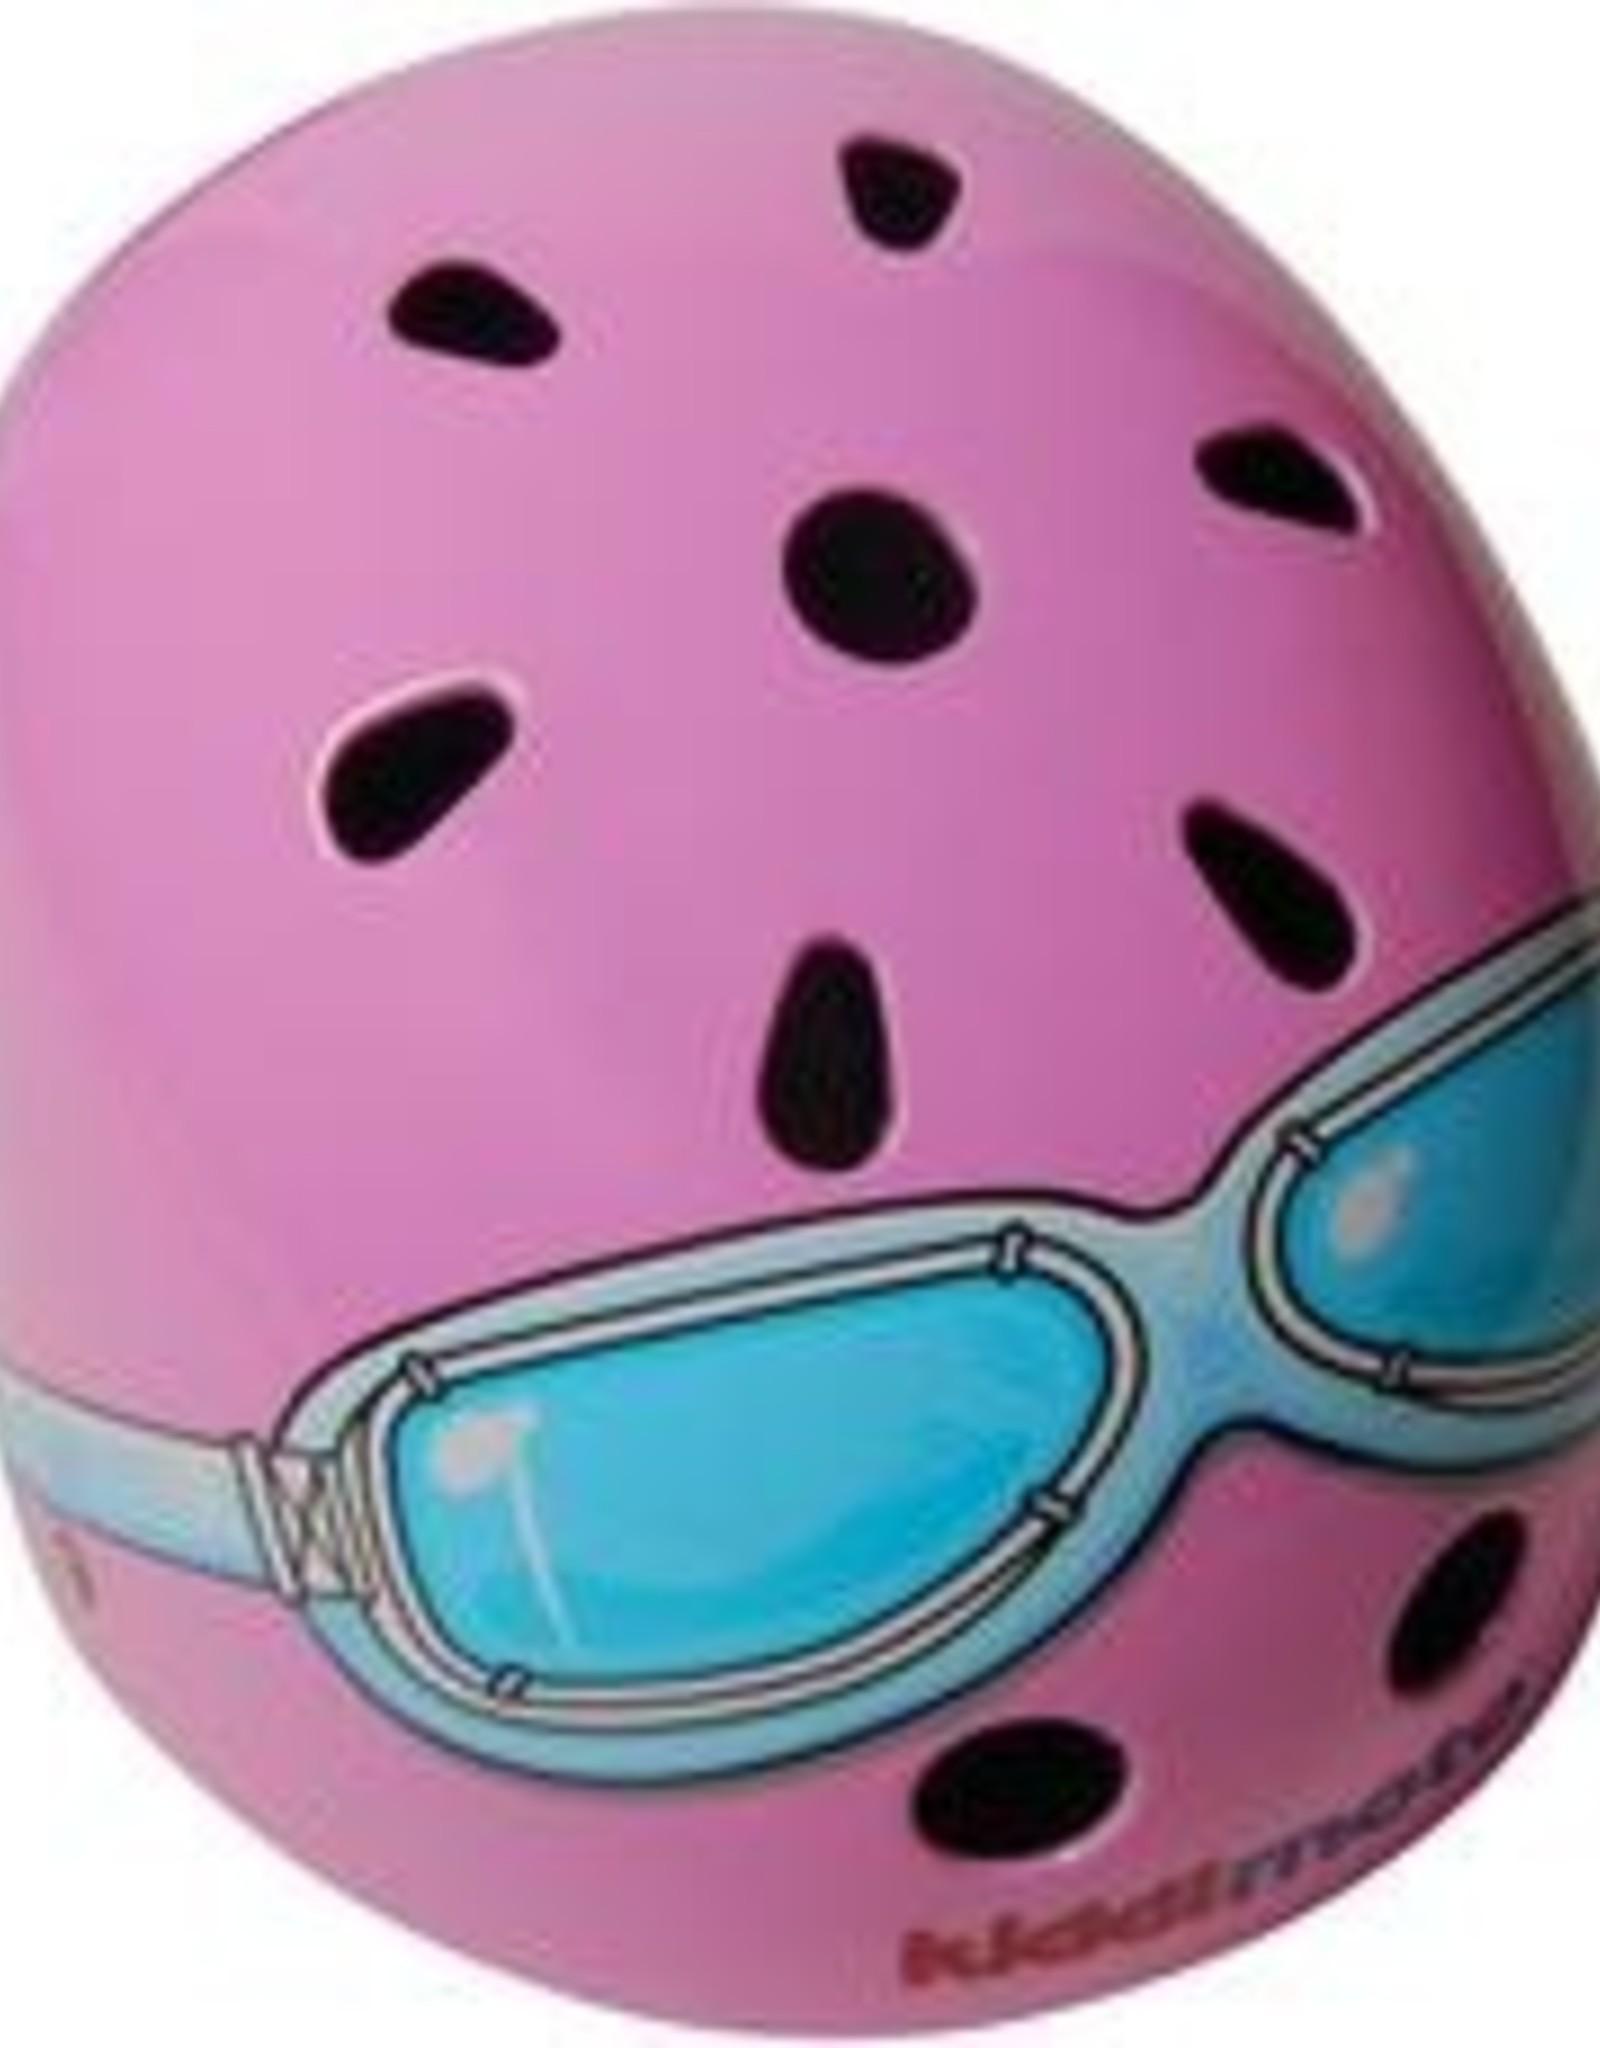 Kiddimoto Helmet Kiddimoto Helmet - Pink Goggles Medium